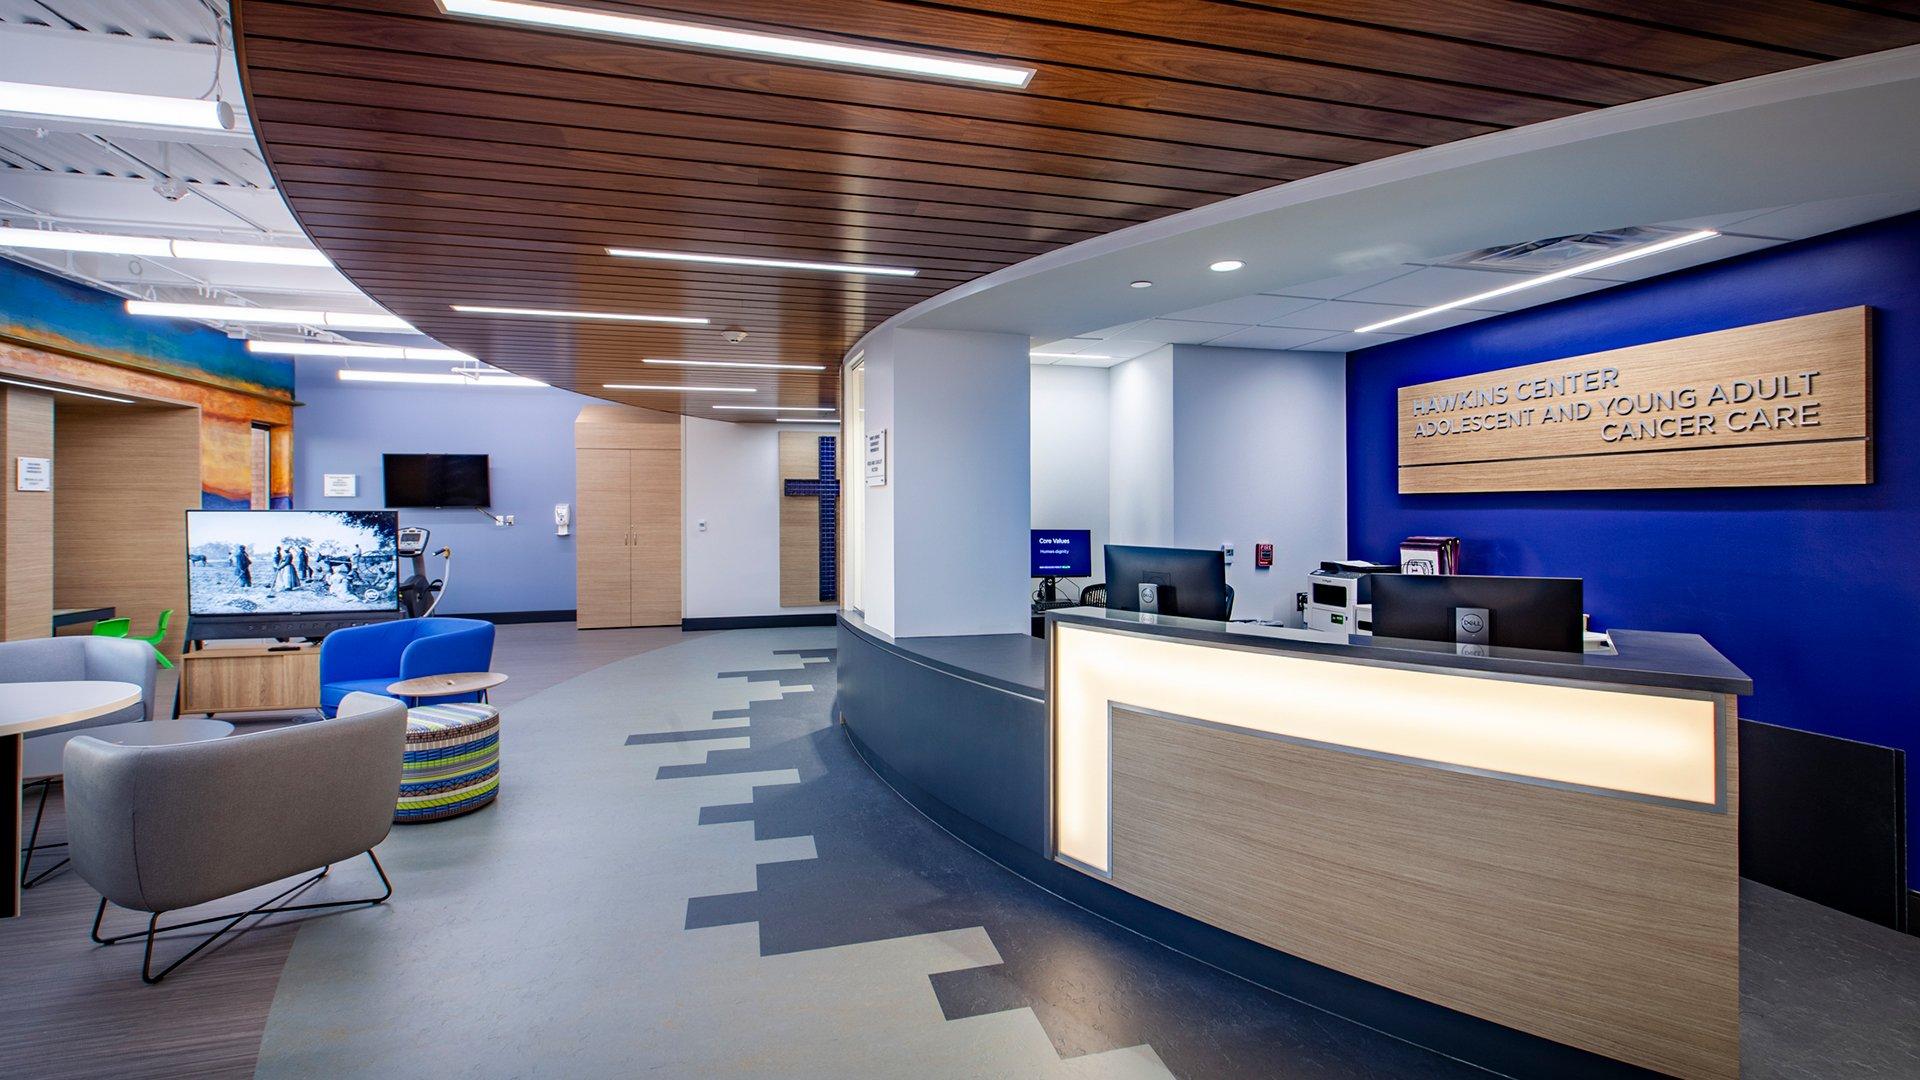 Healthcare Design Magazine Features Photo Tour of Bon Secours St. Francis AYA Center